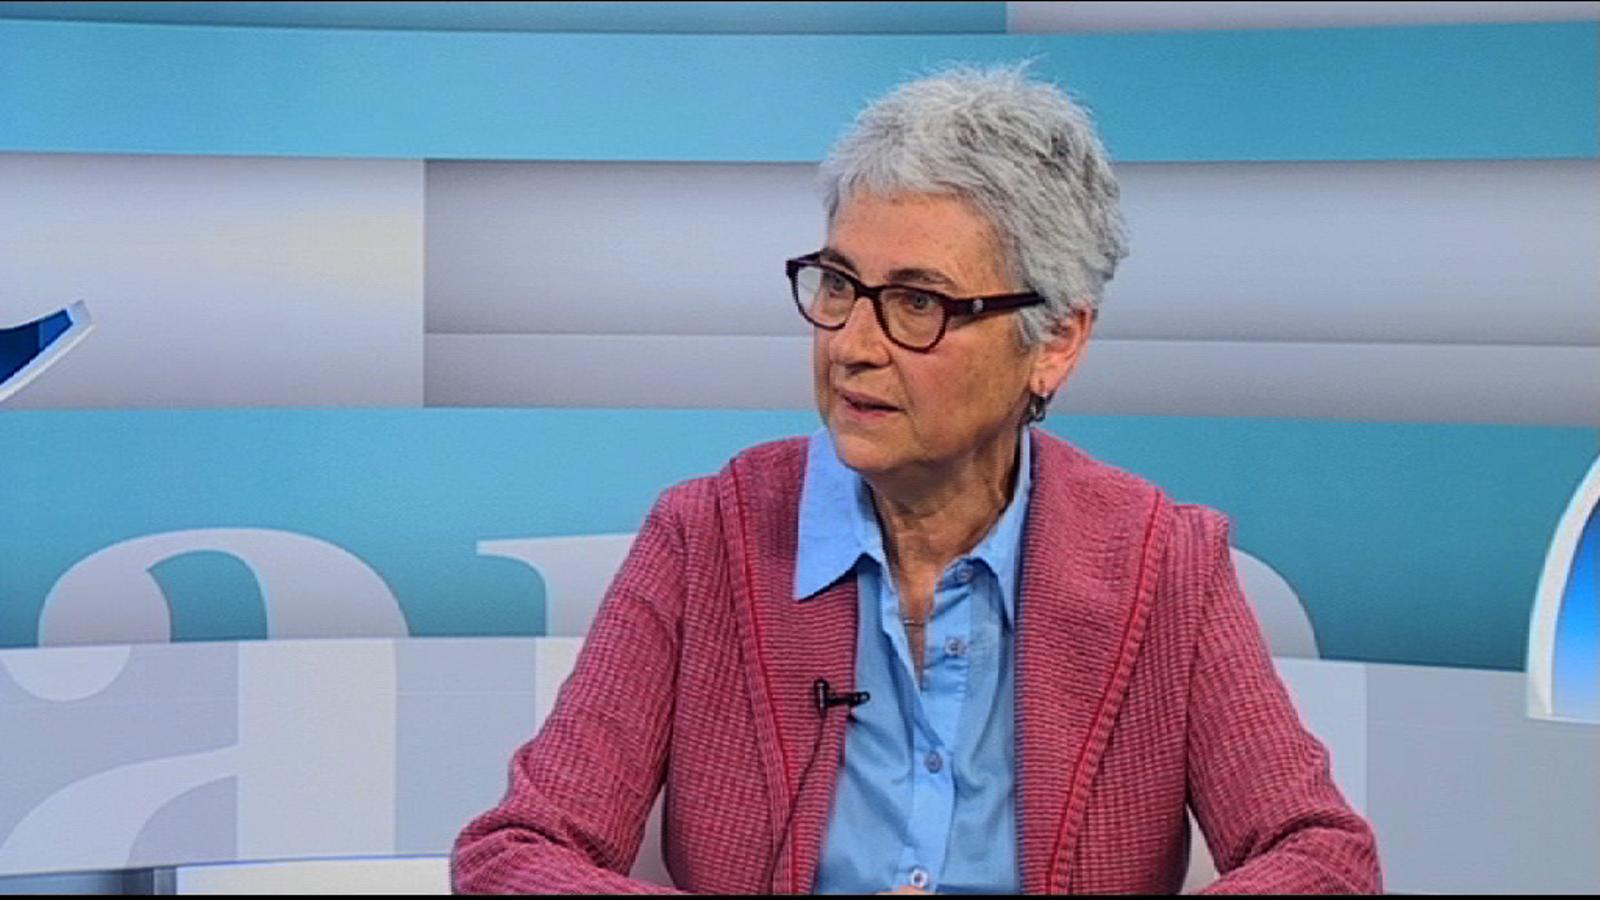 Muriel Casals: Si no aconseguim una relació fiscal justa amb l'Estat, ens plantegem una campanya d'objecció fiscal